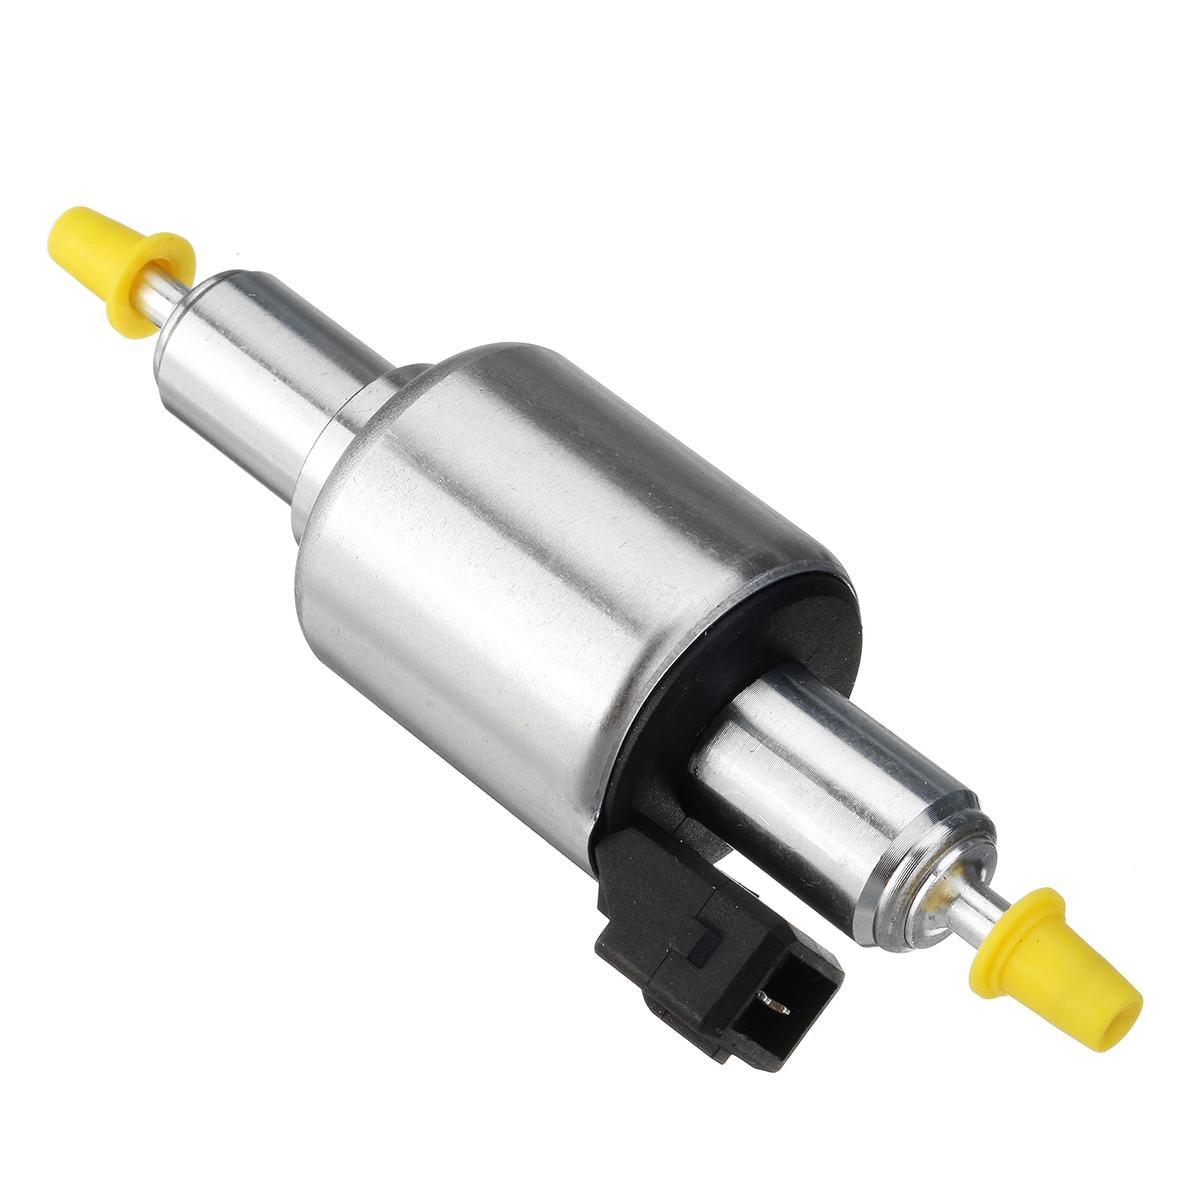 2 trous 5L réservoir pompe à carburant filtre à huile buse ensemble pour bricolage 12 V Diesel réchauffeur d'air Thermostat voiture chauffage accessoires partie livraison directe - 4